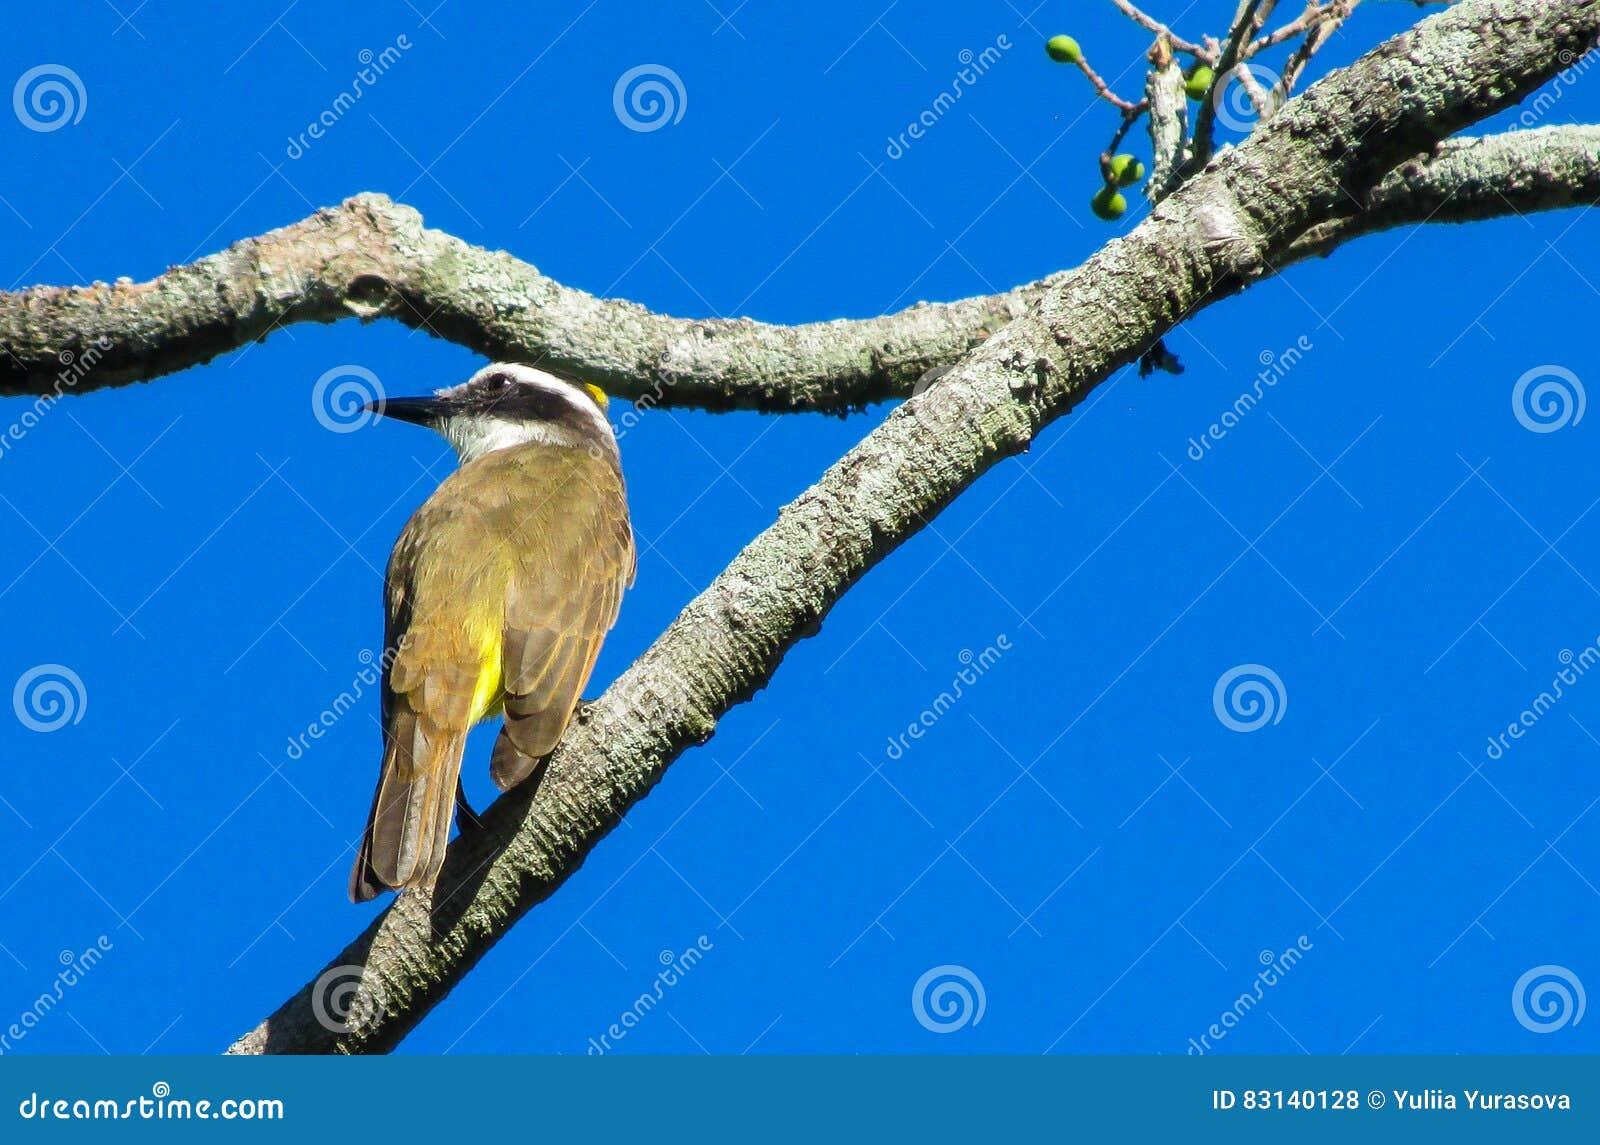 kleiner gelber vogel auf dem baum stockfoto bild von garten vogelkunde 83140128. Black Bedroom Furniture Sets. Home Design Ideas